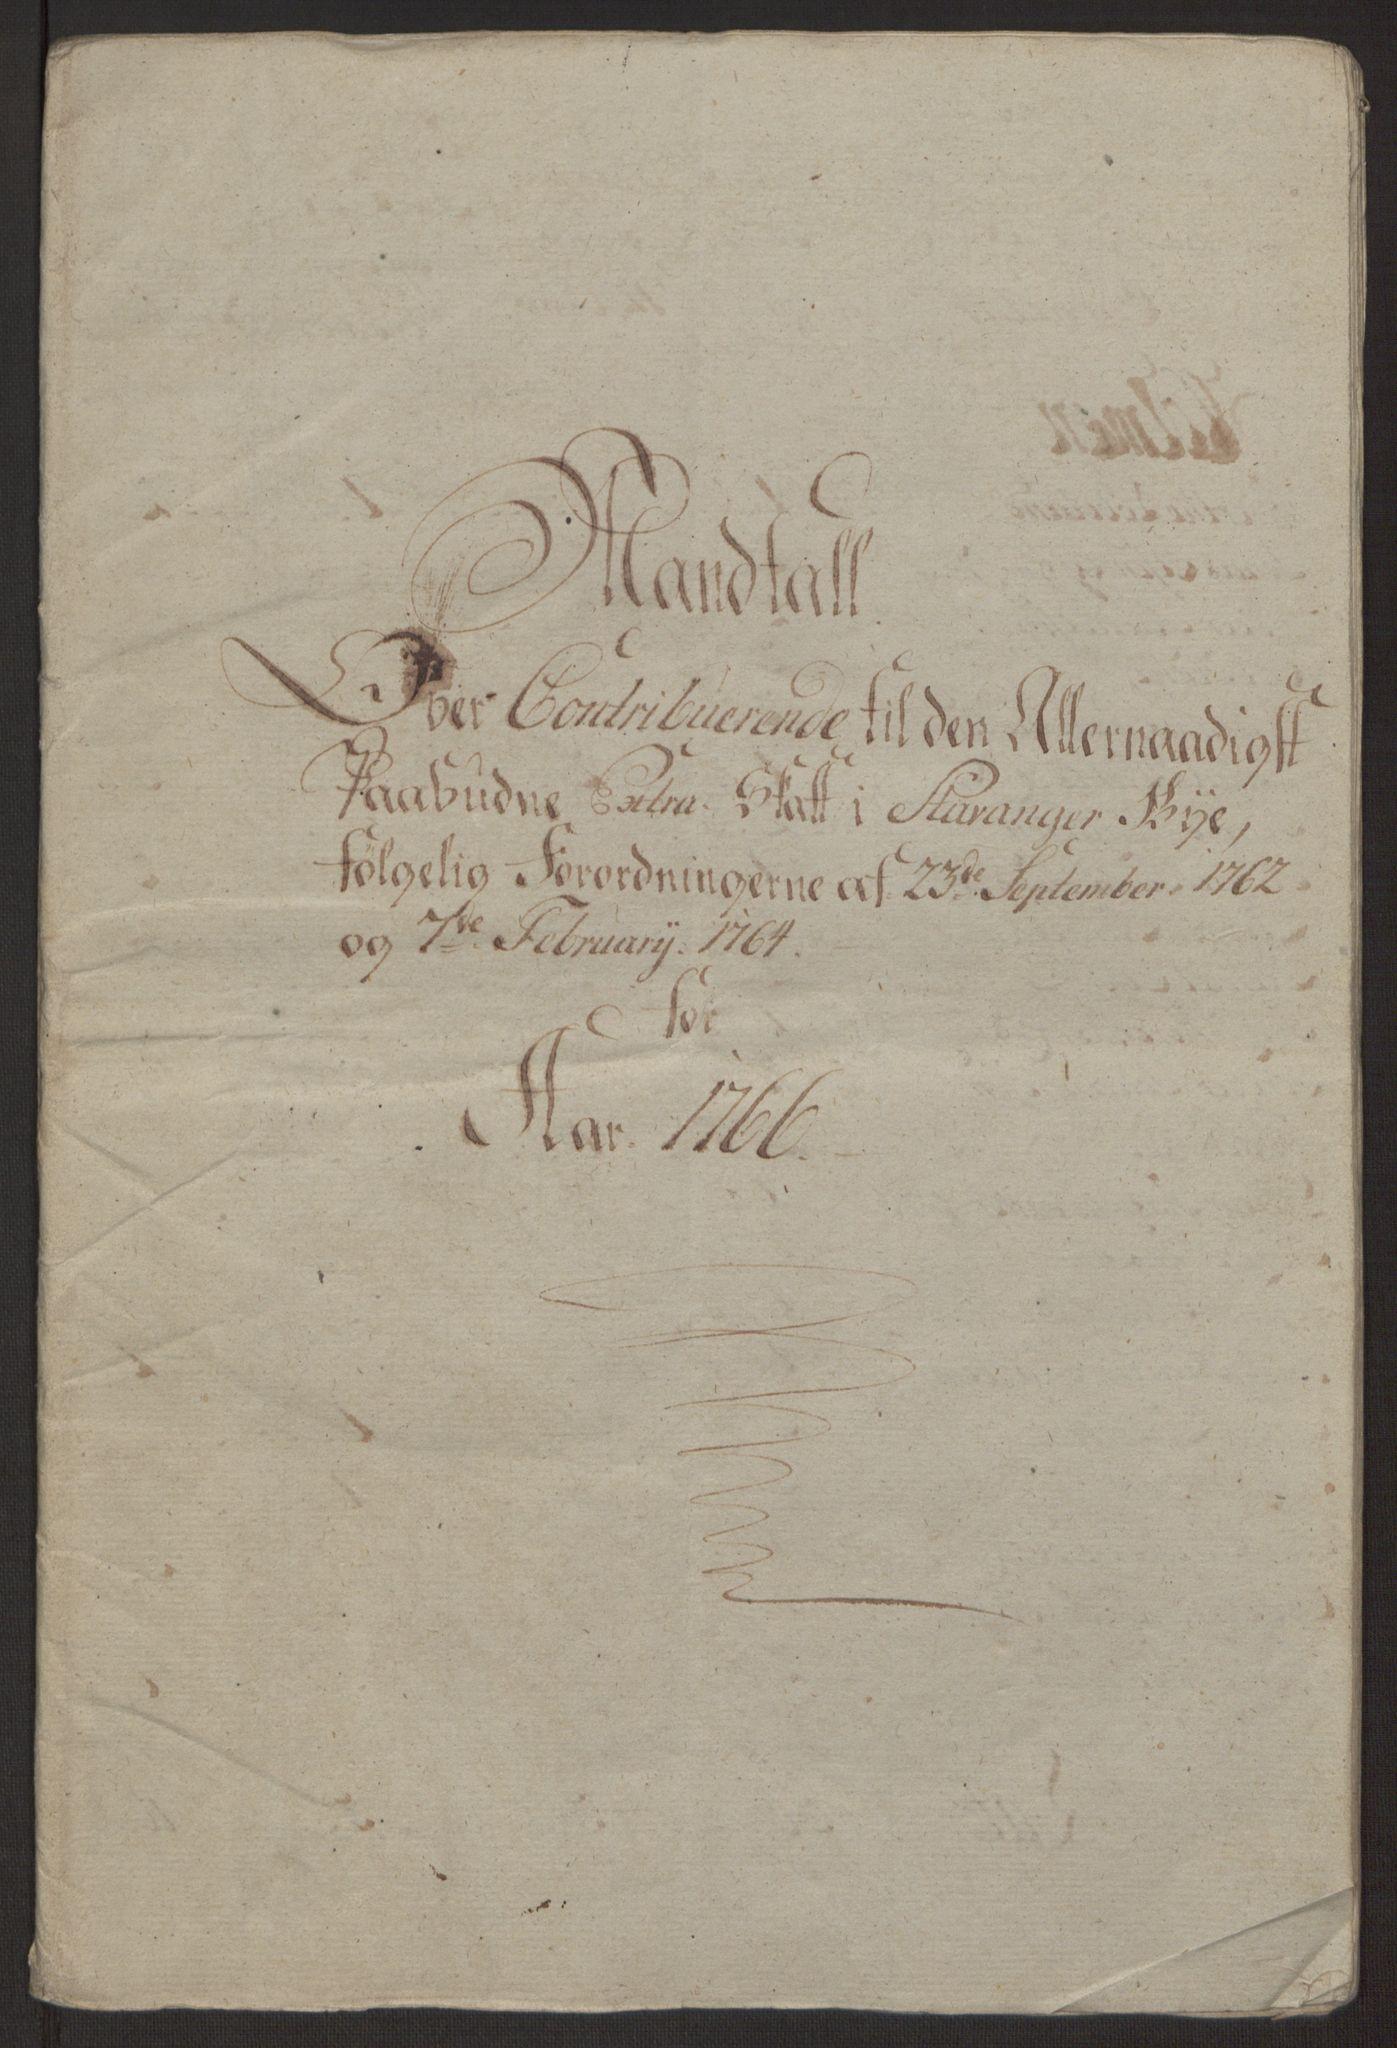 RA, Rentekammeret inntil 1814, Reviderte regnskaper, Byregnskaper, R/Ro/L0305: [O6] Kontribusjonsregnskap, 1762-1768, s. 151